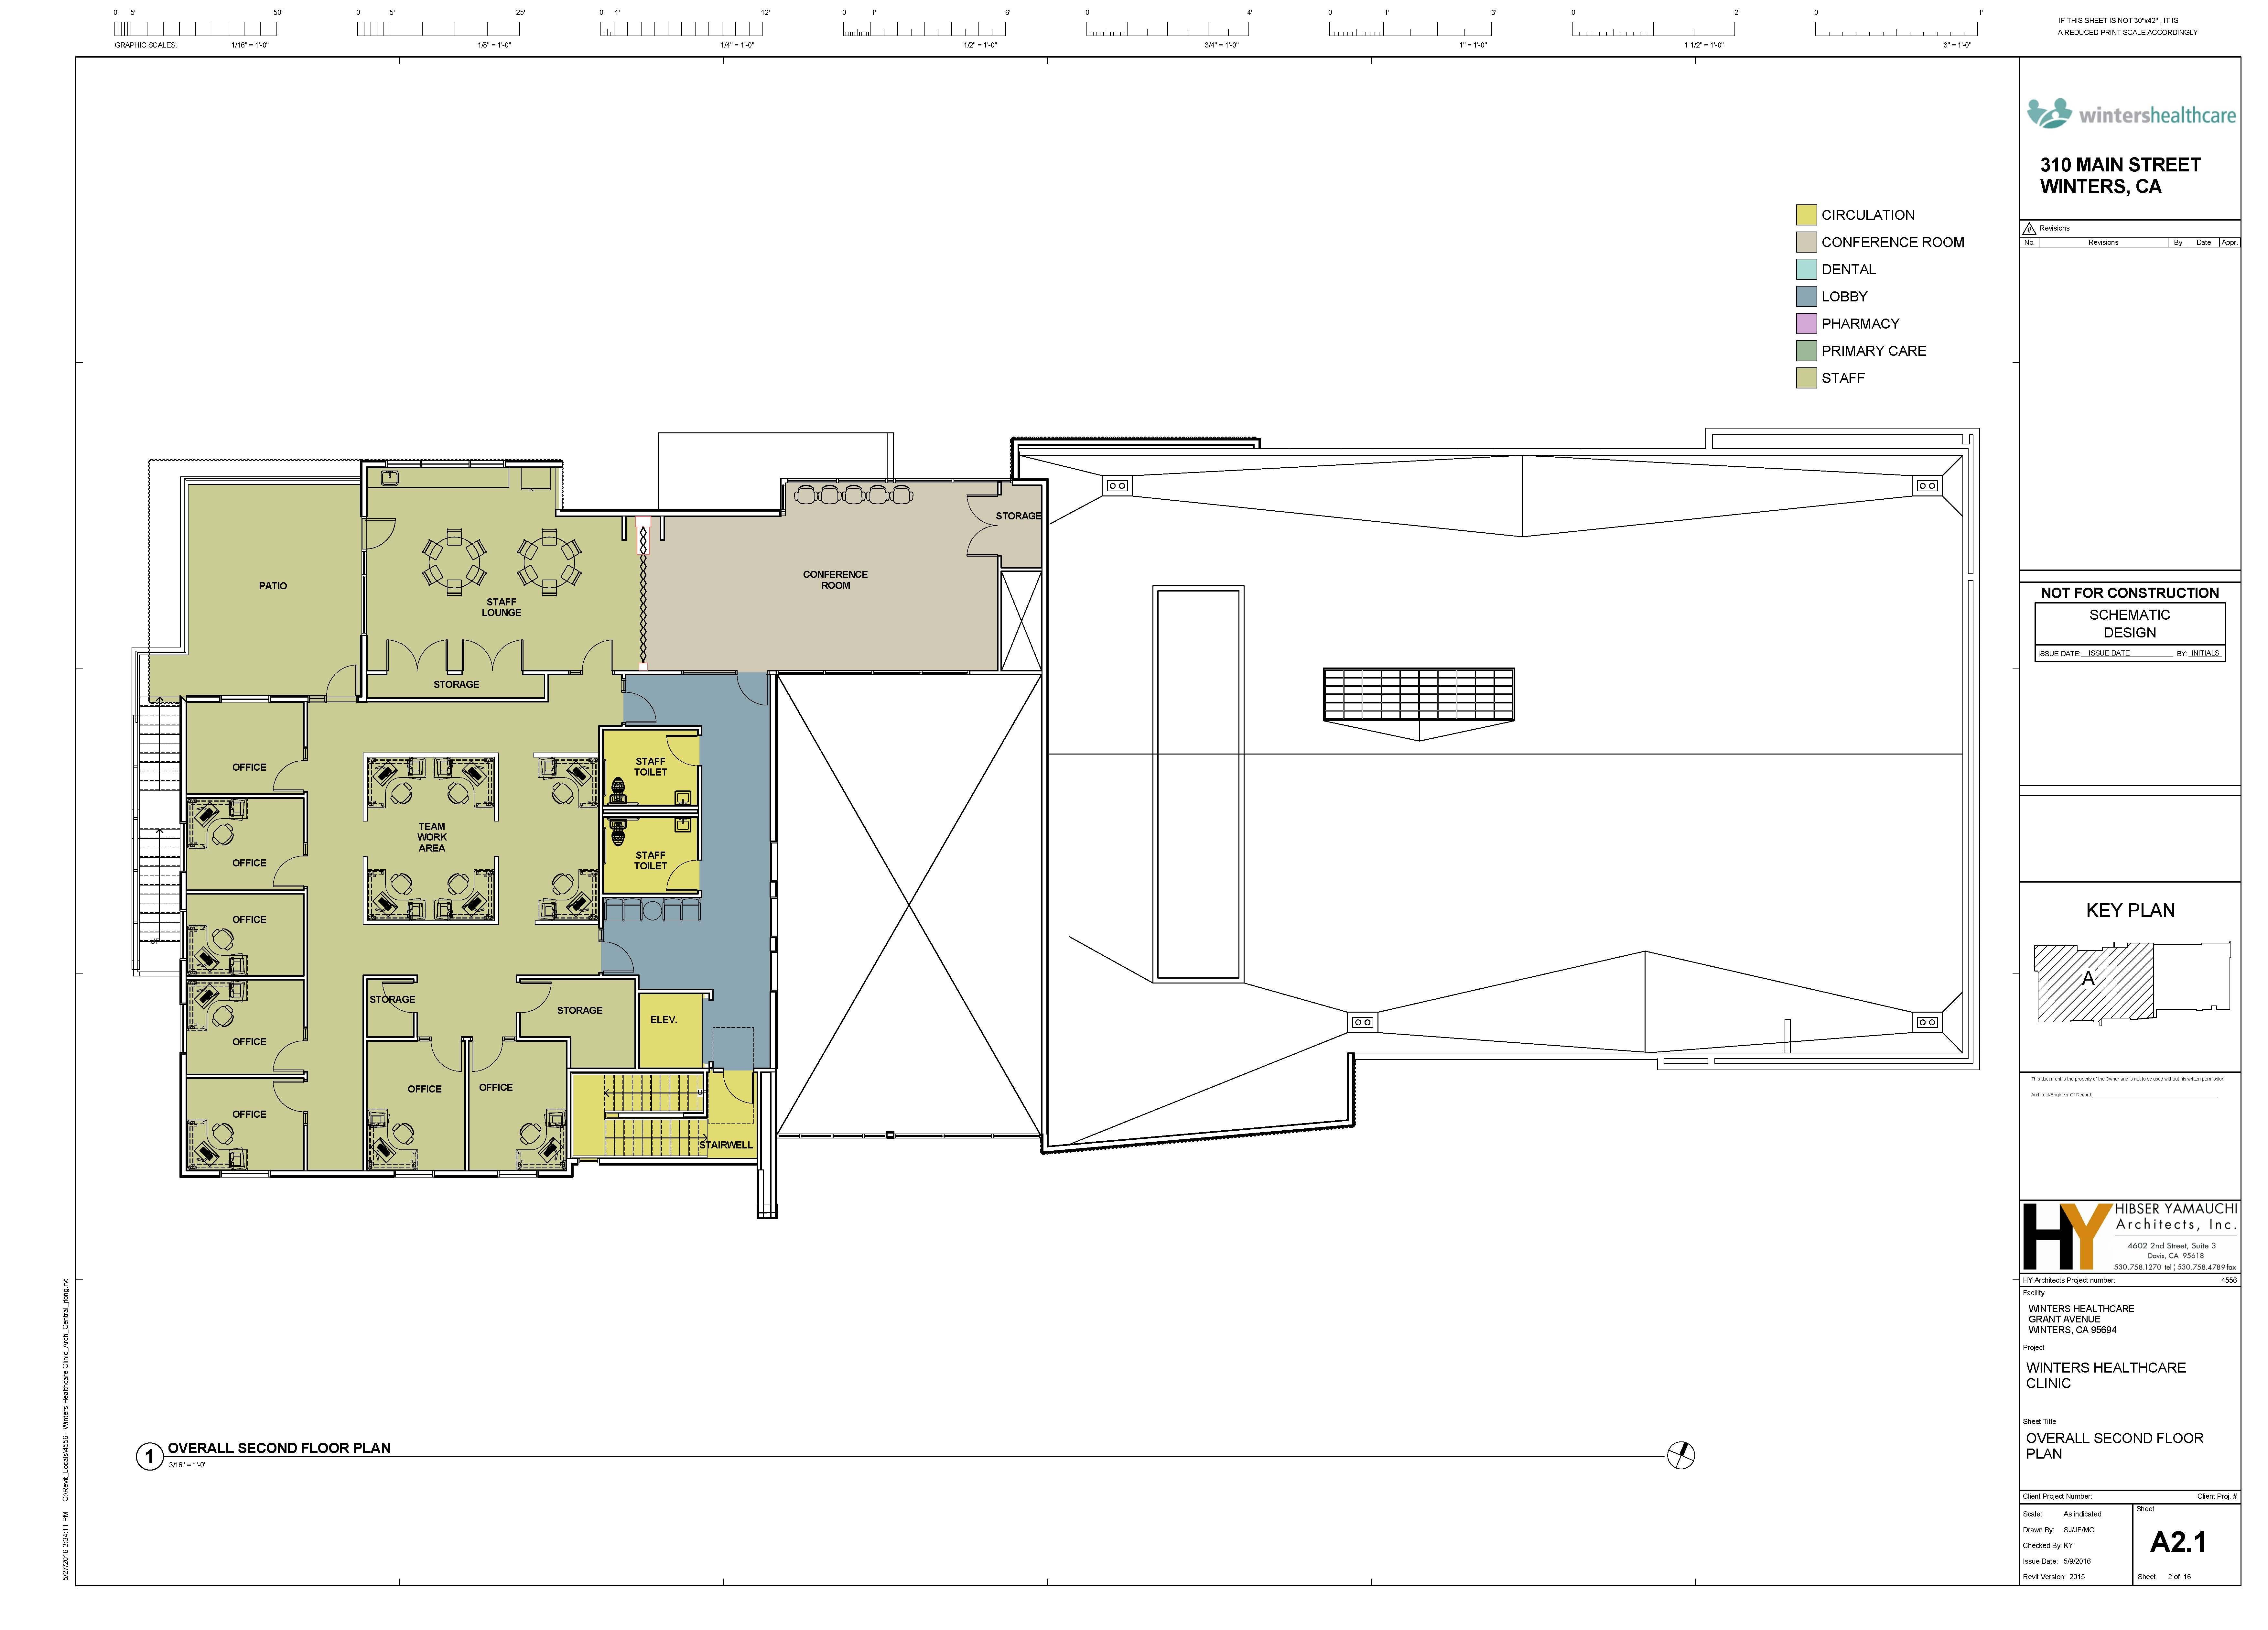 Whc 2nd floor plan